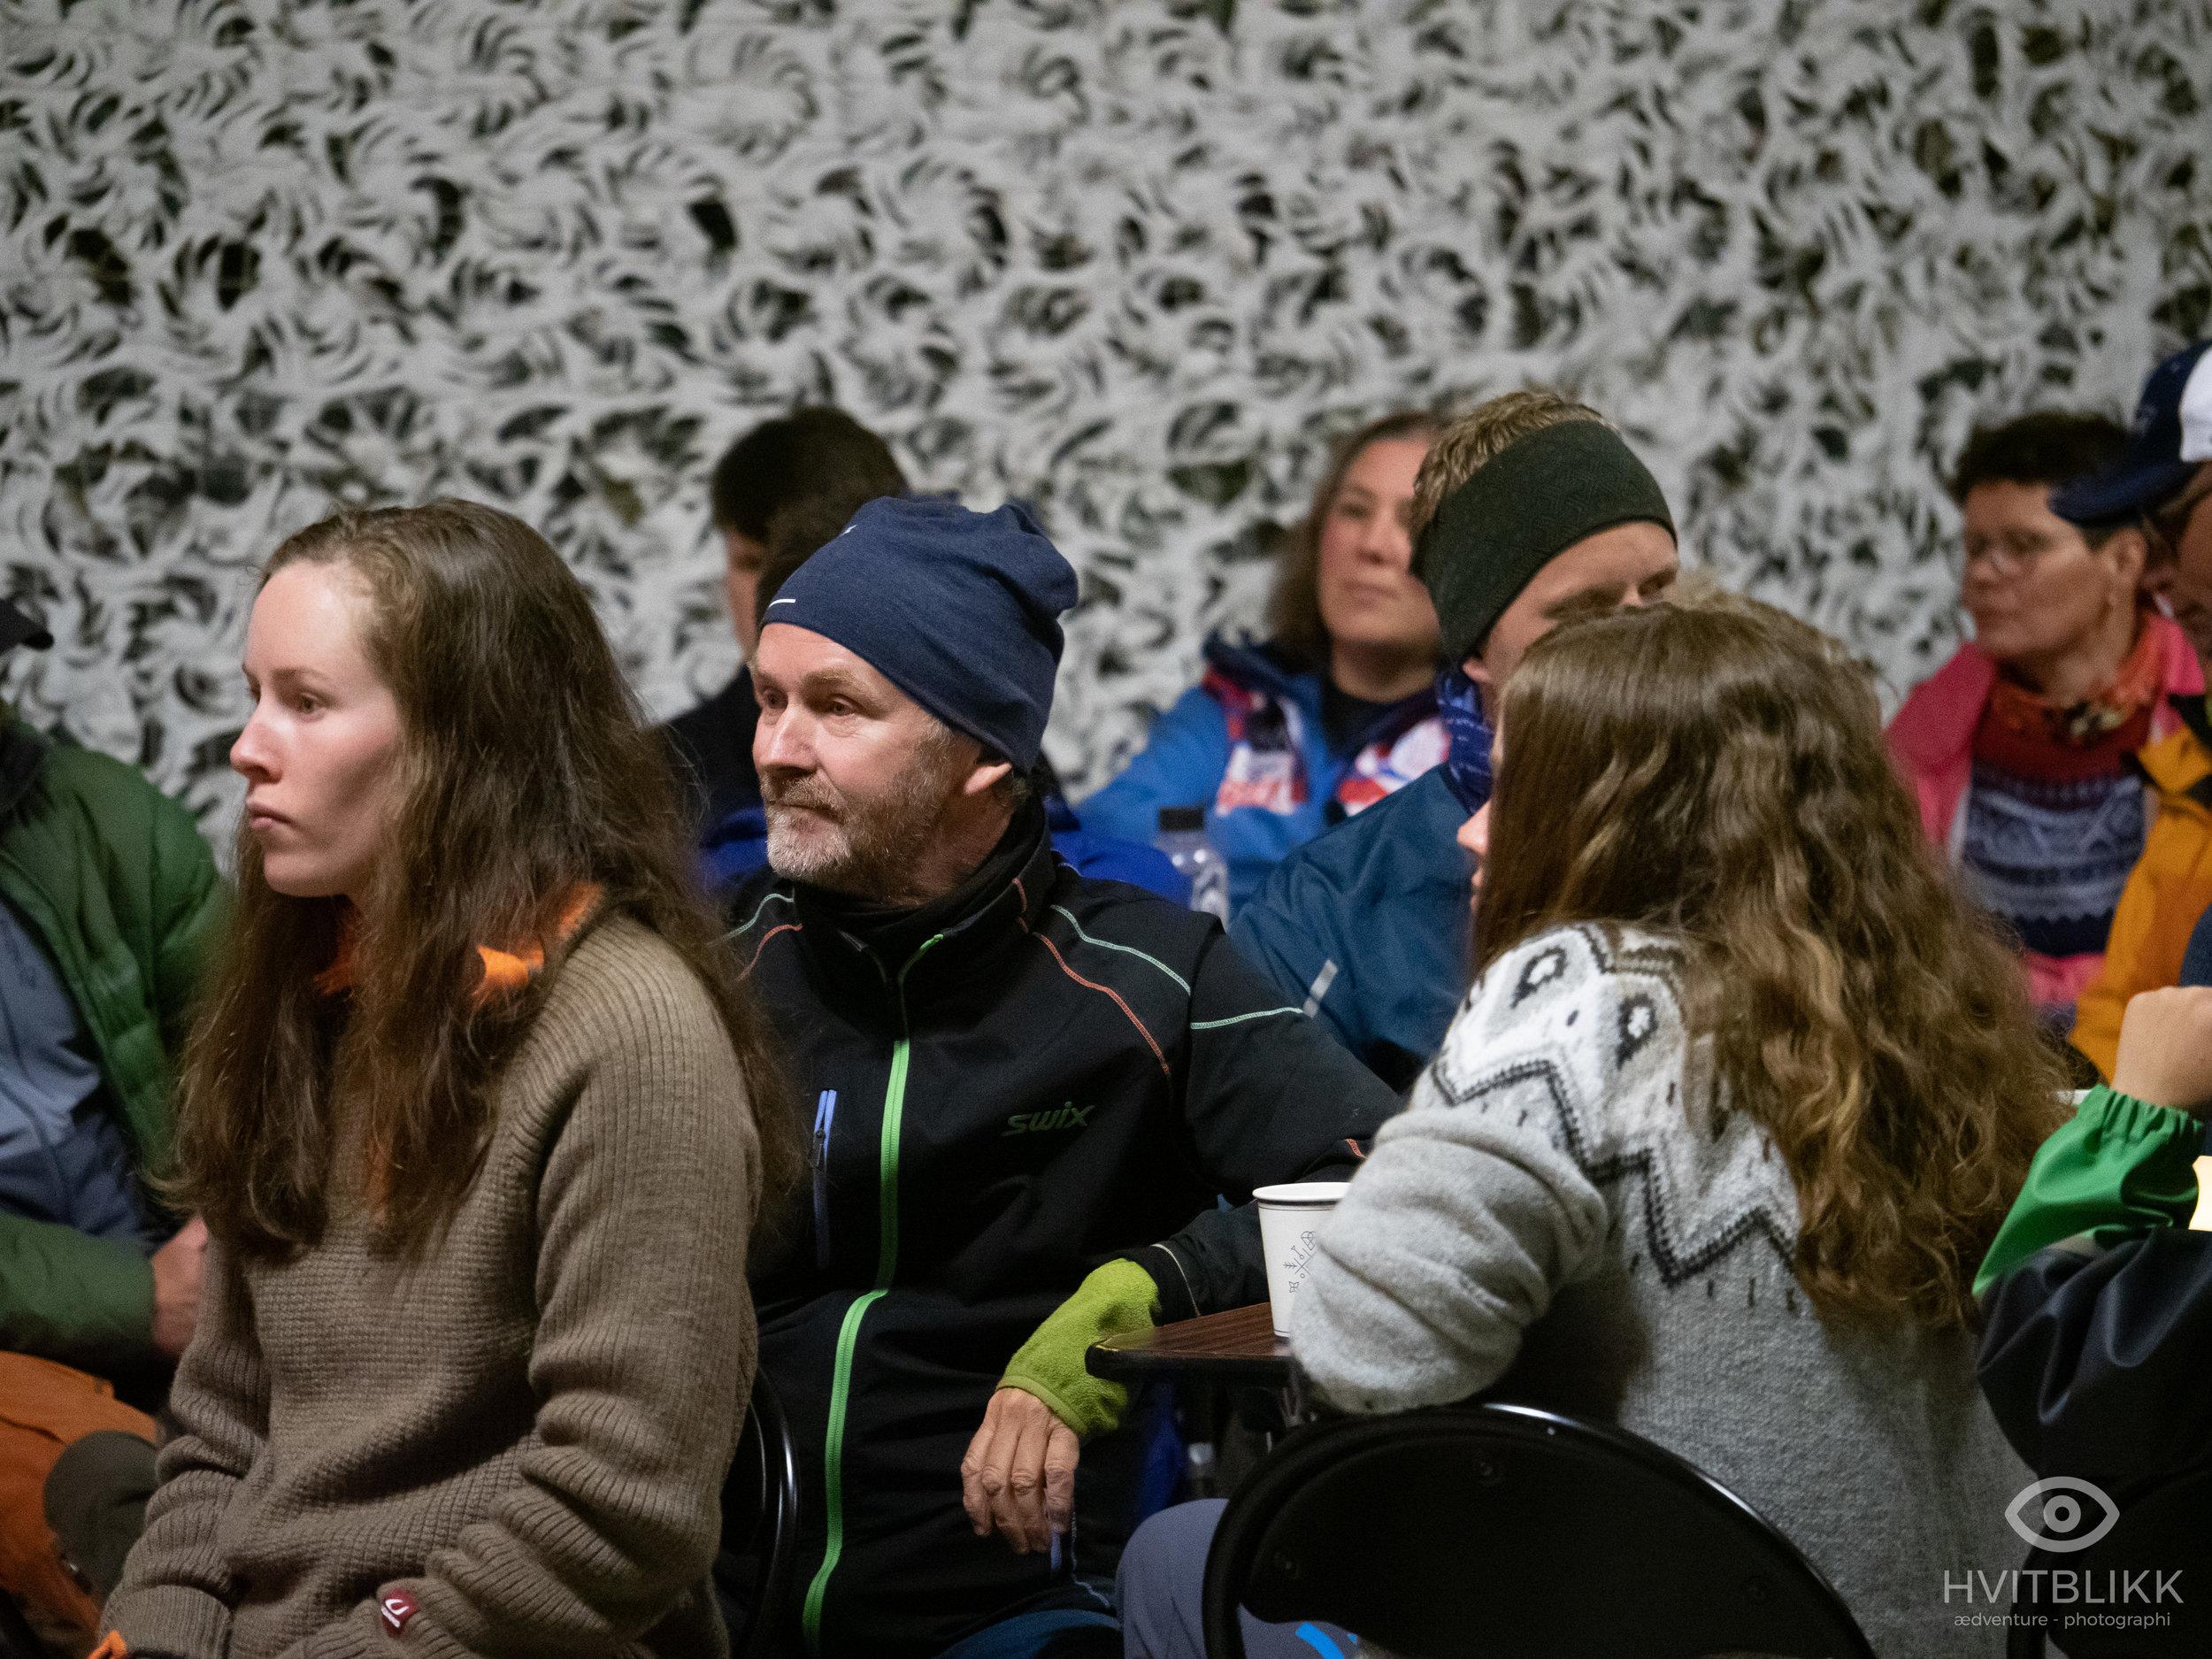 Ellingjord-Hvitblikk_20190621NOR3825.jpg